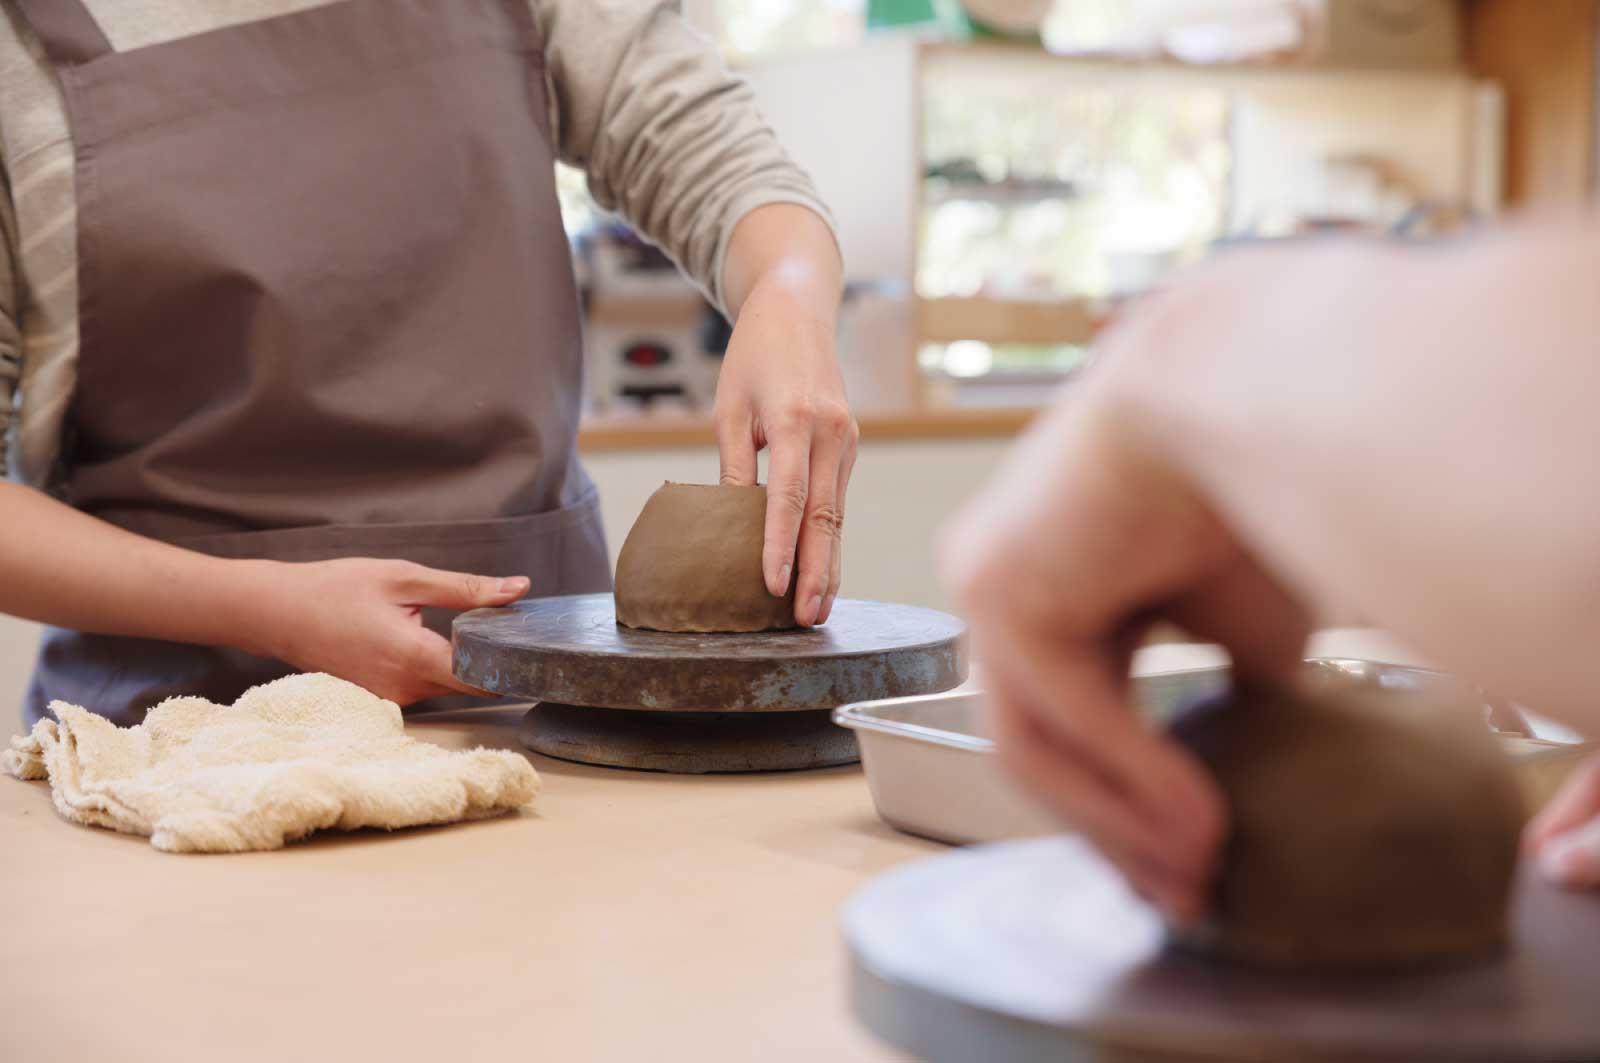 陶芸に関する施設やイベントなどにも足を運んで